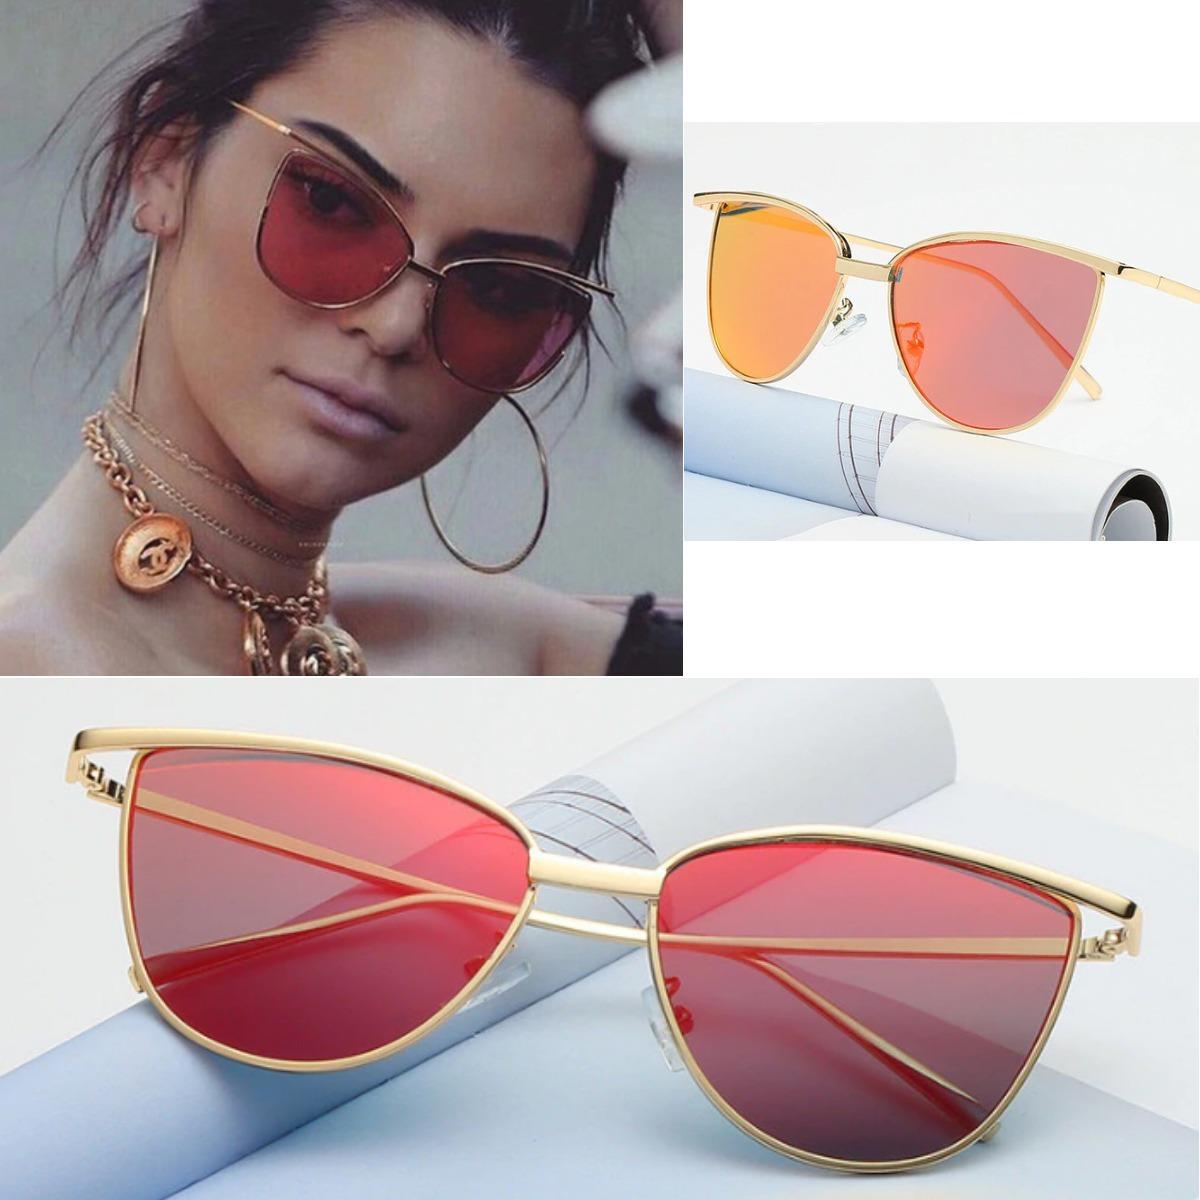 348874a1a72ce óculos de sol gatinho vintage dourado retrô + estojo flanela. Carregando  zoom.